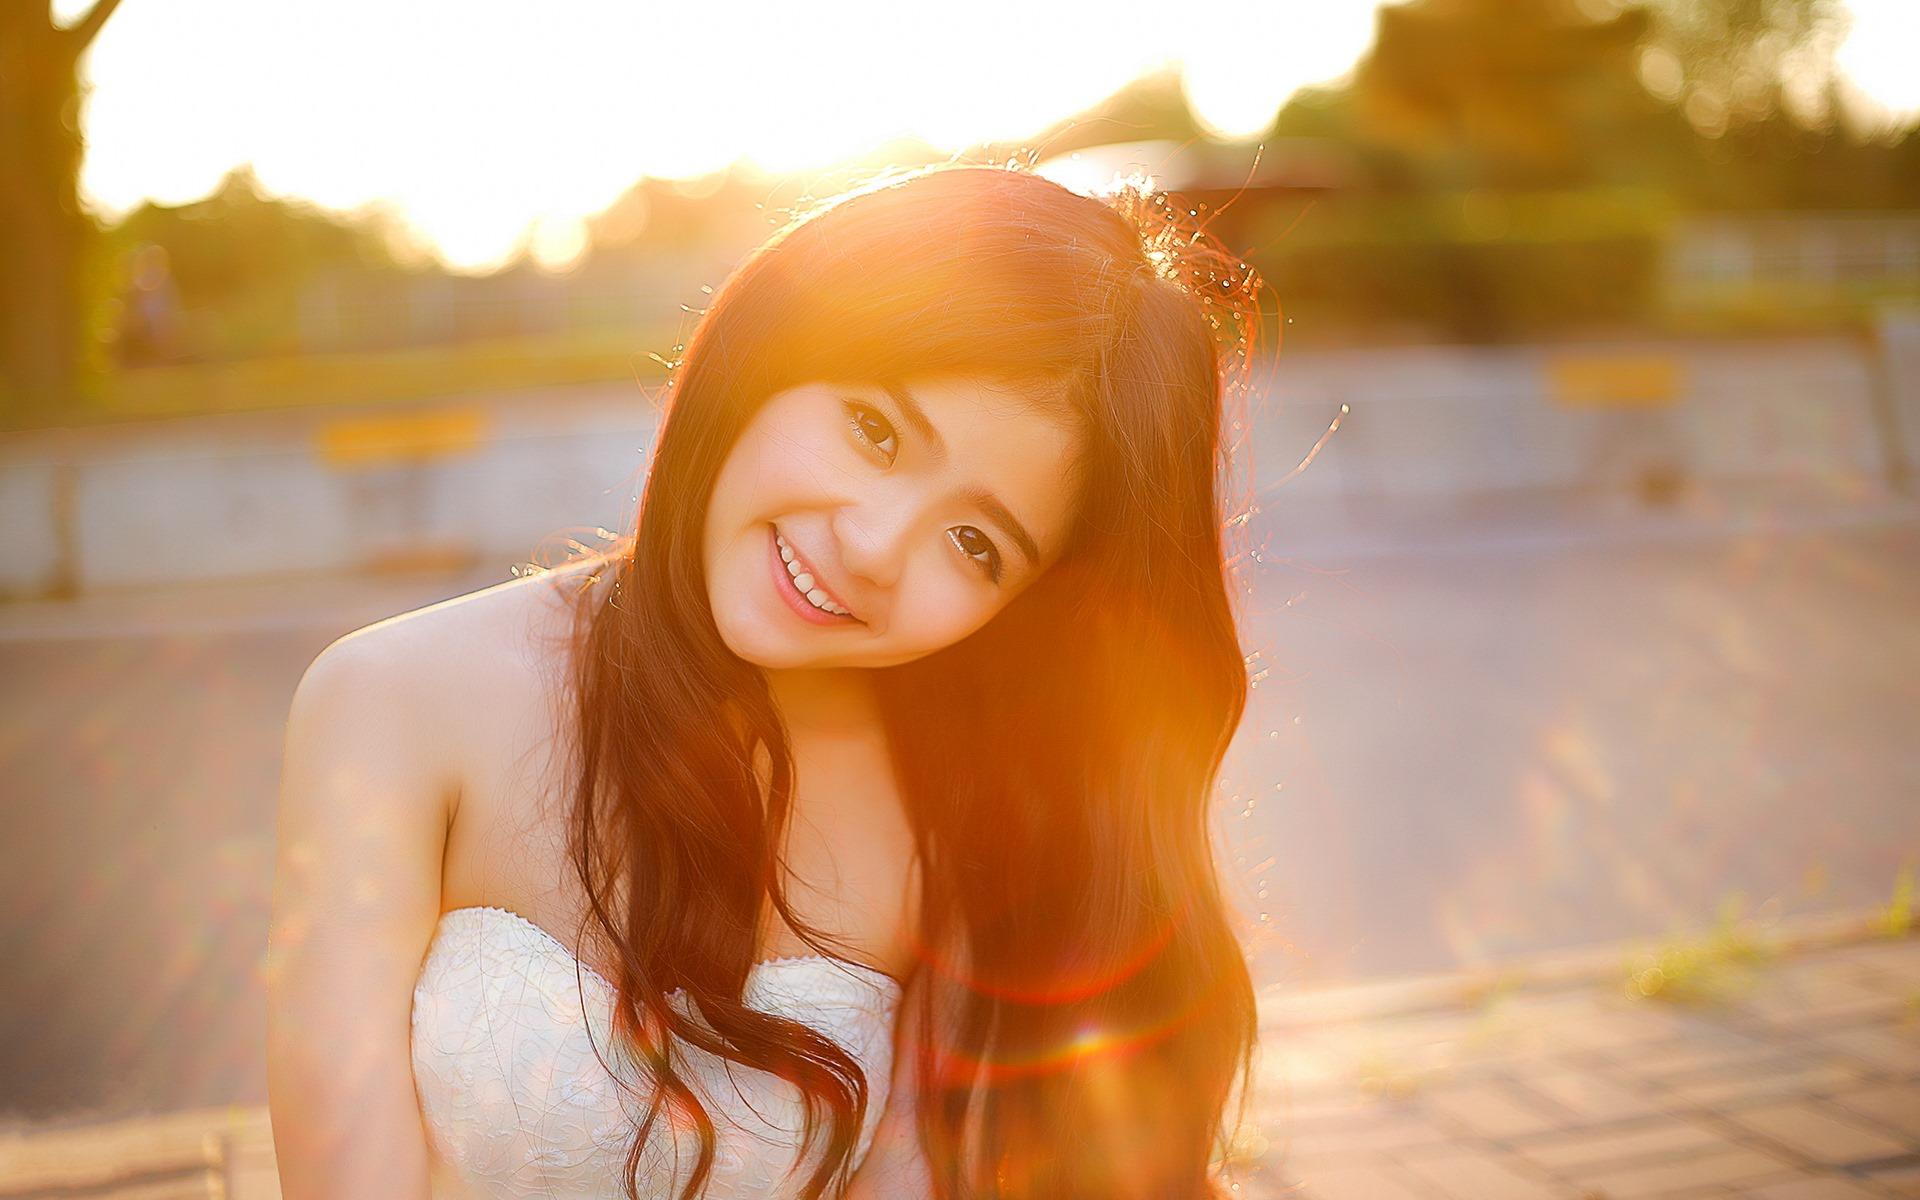 亚洲高清合集一区_清纯可爱年轻的亚洲女孩 高清壁纸合集(一)4 - 1920x1200